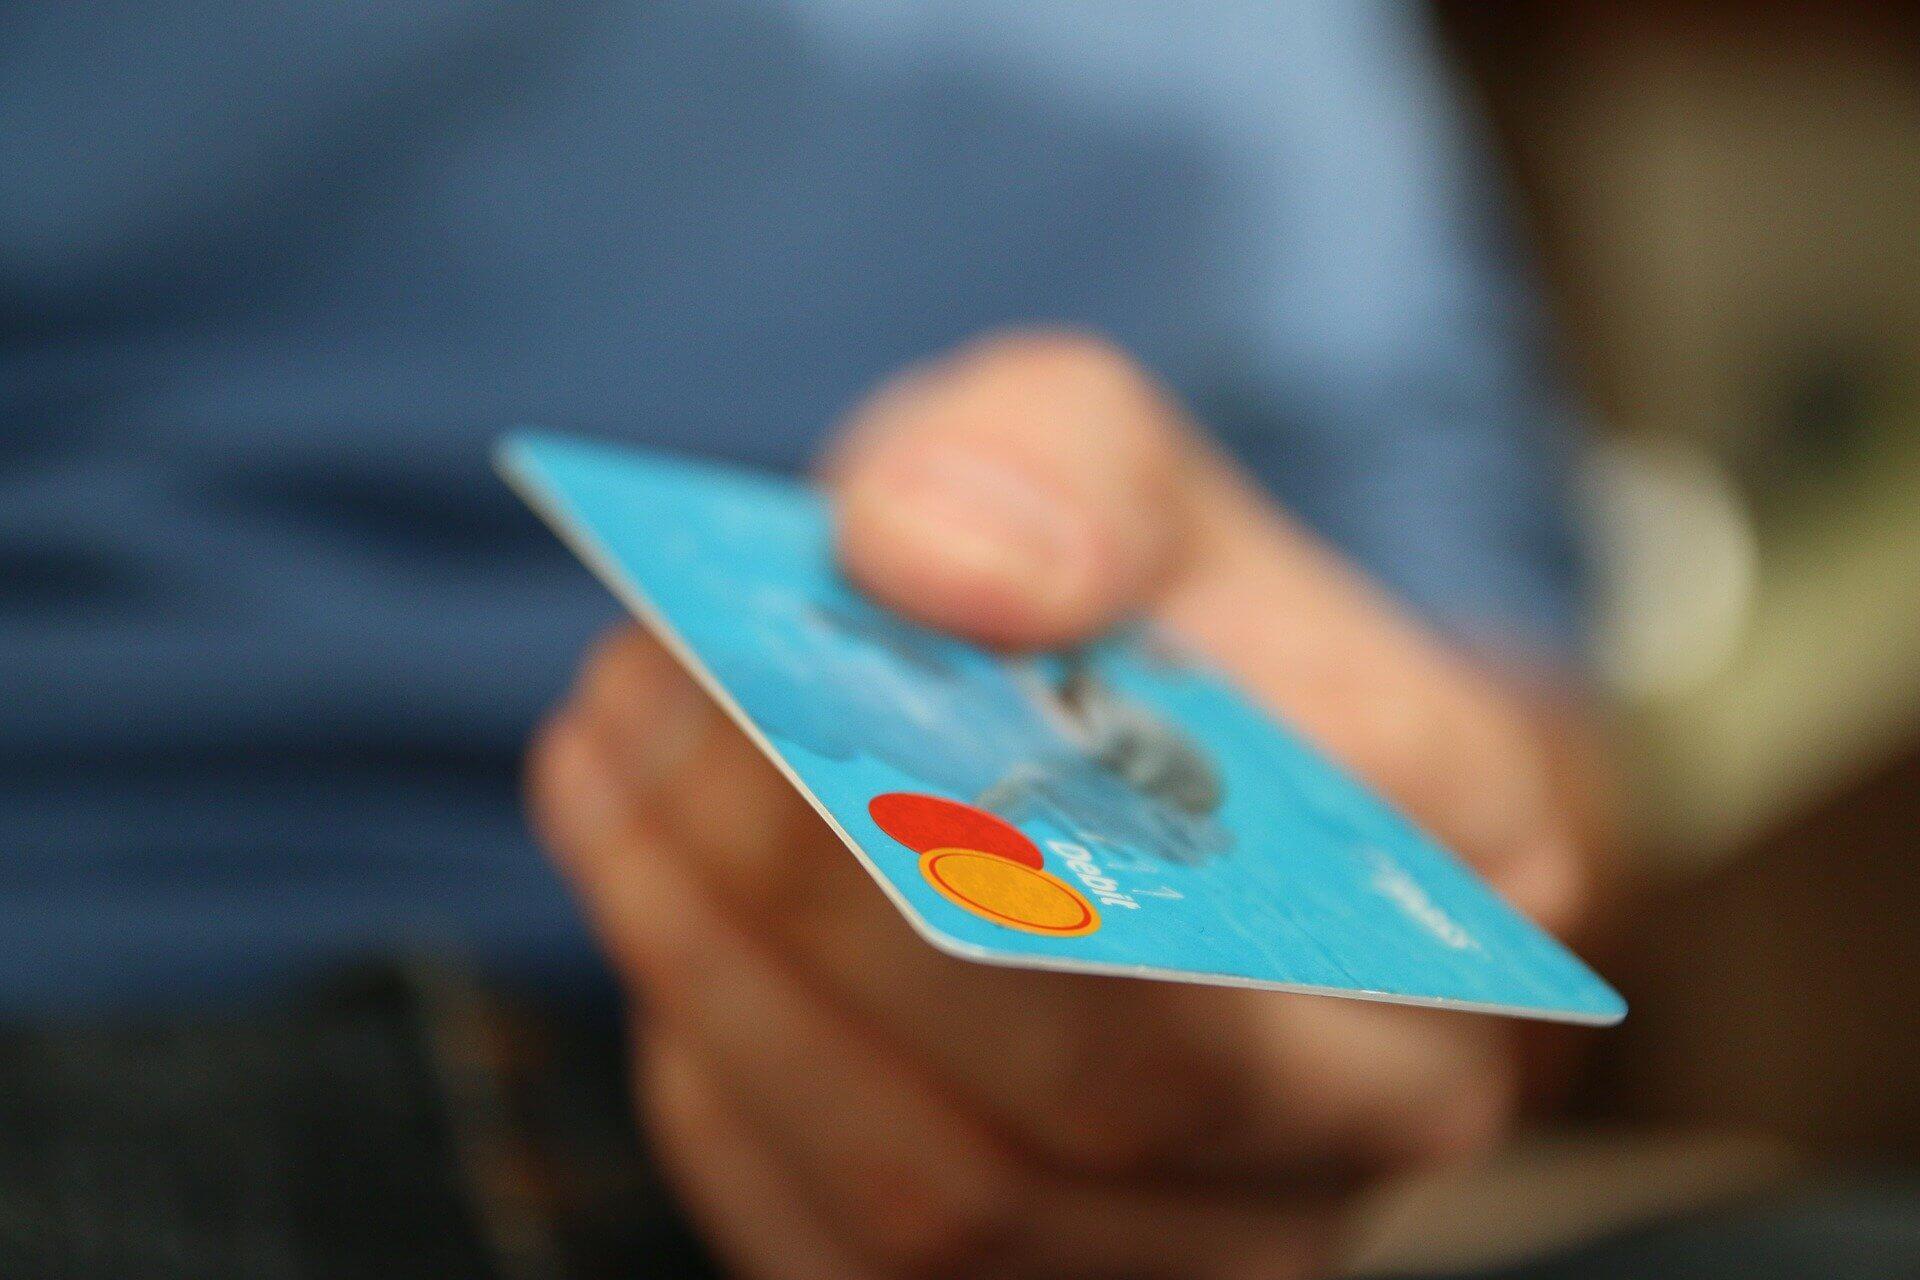 mit Karte bezahlen